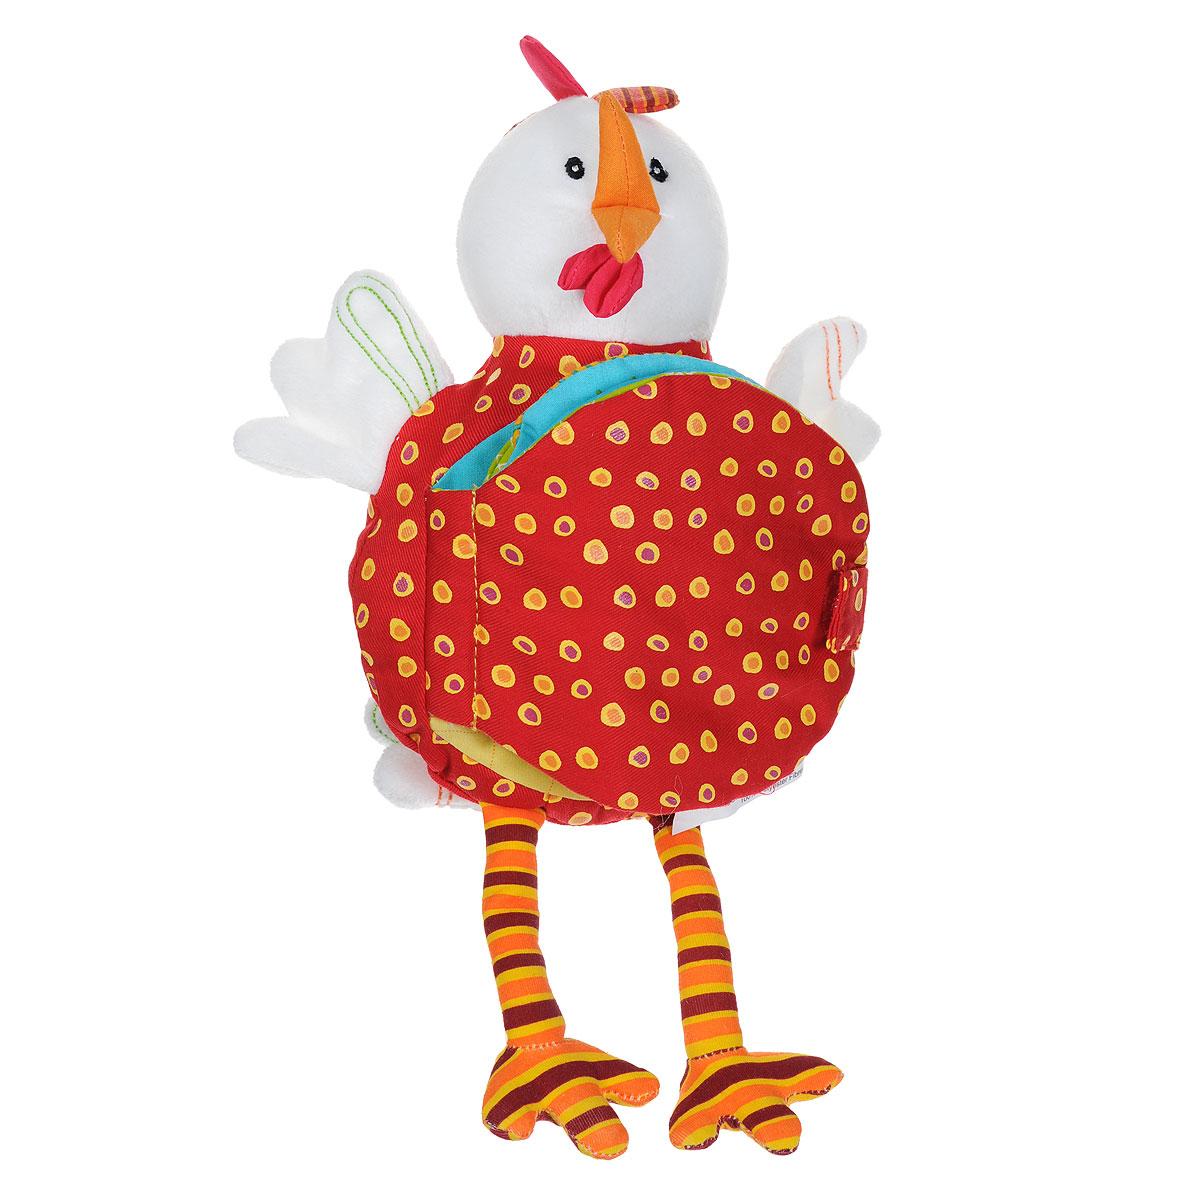 Развивающая игрушка-книжка Lilliputiens Курочка Офелия86008Мягкая развивающая игрушка-книжка Lilliputiens Курочка Офелия непременно понравится вашему малышу. Она выполнена из текстильного материала разных цветов и фактур в виде курочки. Туловище Офелии представляет собой книжку с четырьмя мягкими страничками, на которых изображено, как проводят день ее любимые цыплята. Странички книжечки закрепляются с помощью хлястика на липучке. В голове Офелии спрятана сфера, гремящая при тряске. Книжка-игрушка поможет ребенку развить цветовое и звуковое восприятие, тактильные ощущения, мелкую моторику рук, когнитивное восприятие, а также познакомит с окружающим миром. с